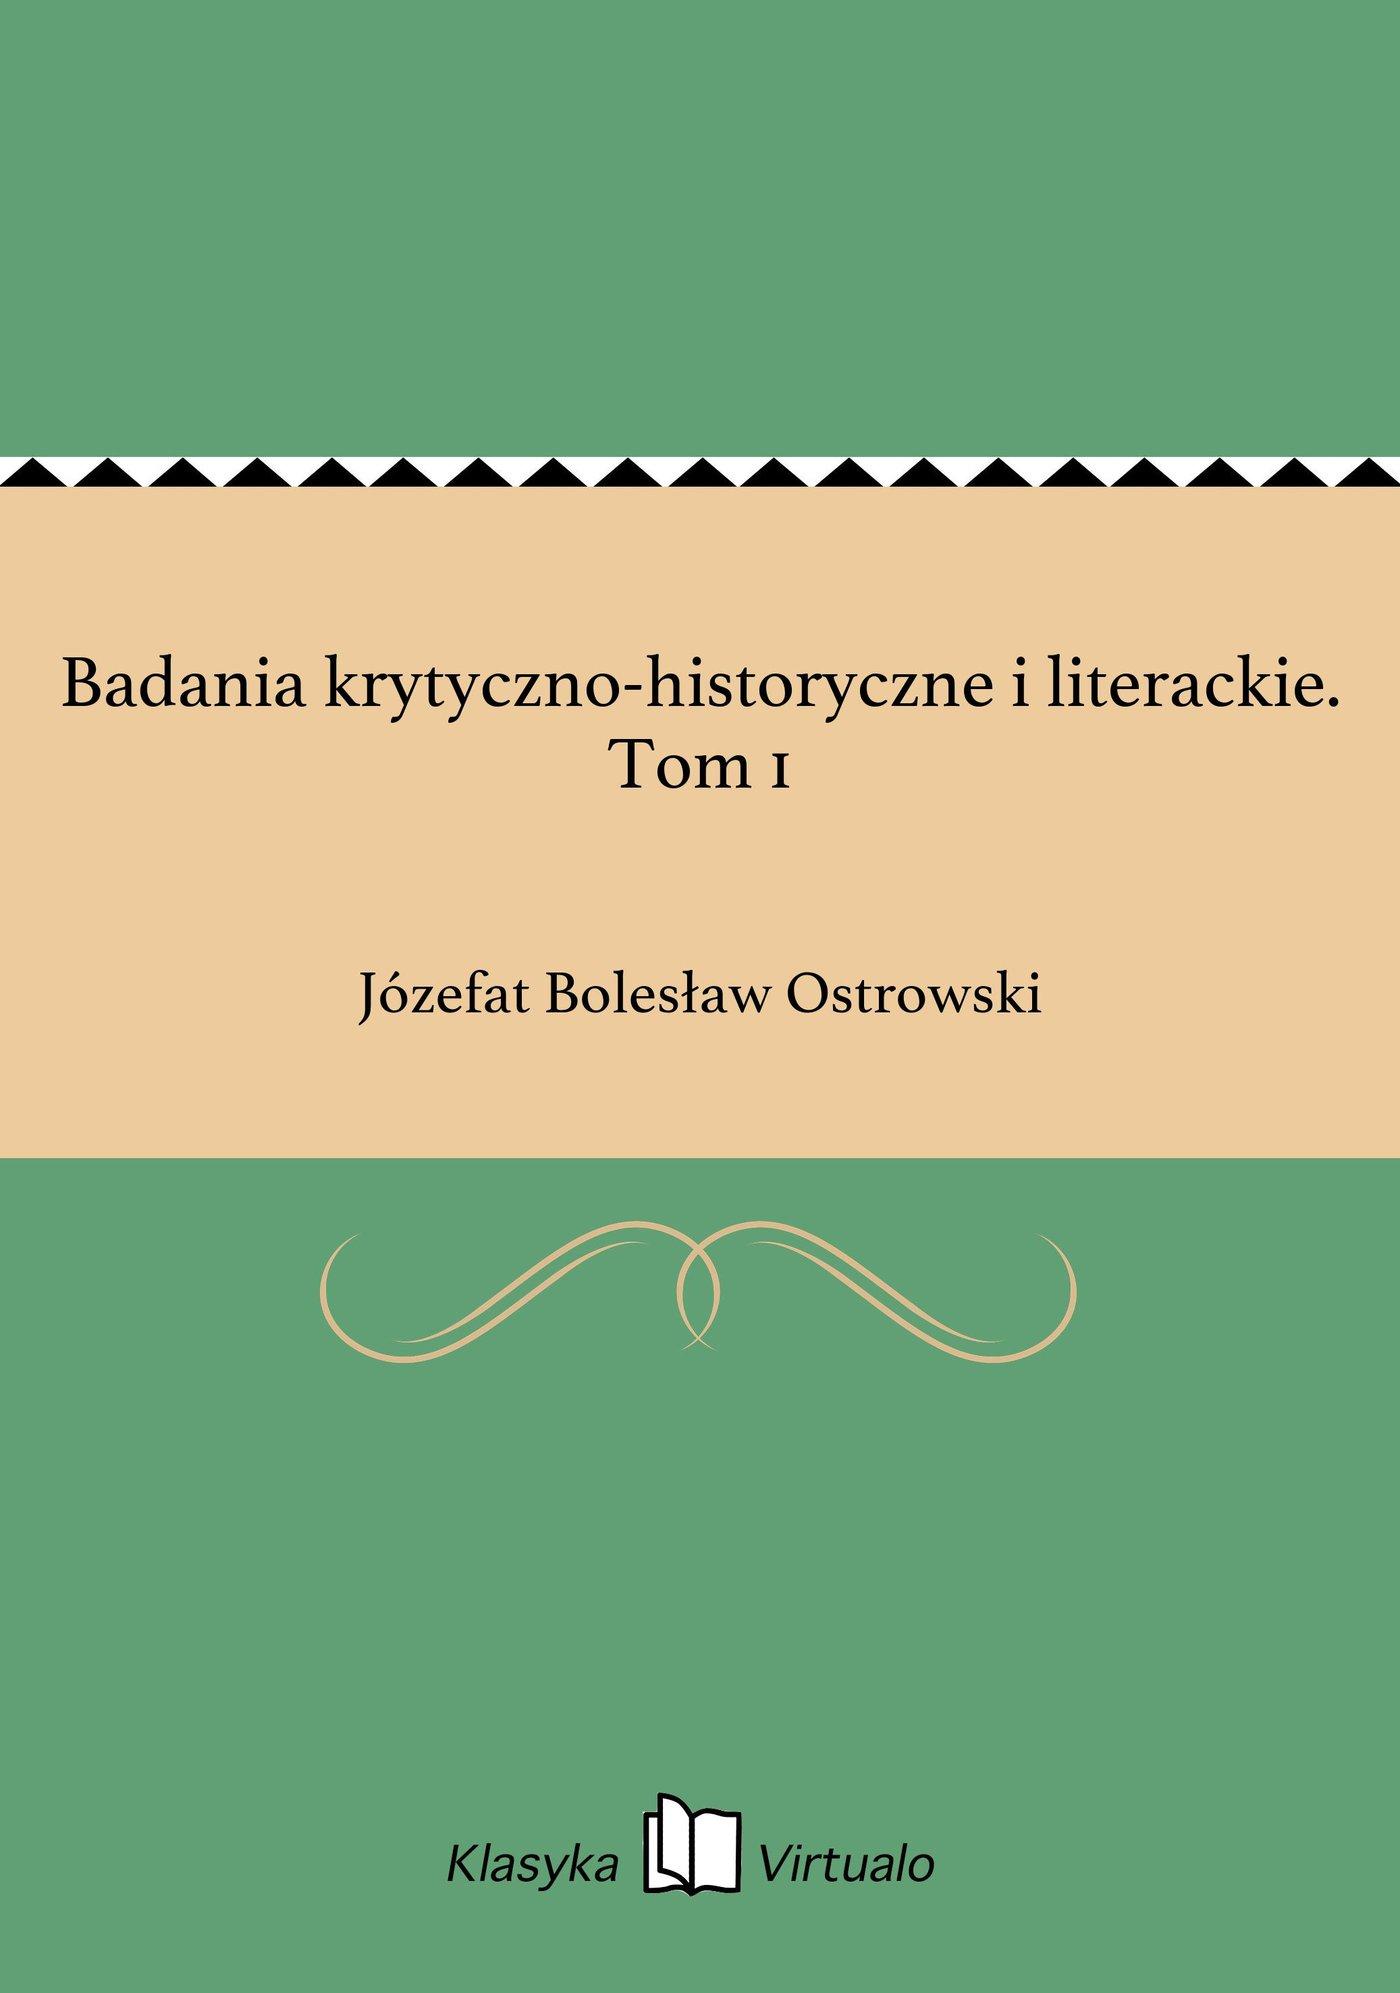 Badania krytyczno-historyczne i literackie. Tom 1 - Ebook (Książka EPUB) do pobrania w formacie EPUB